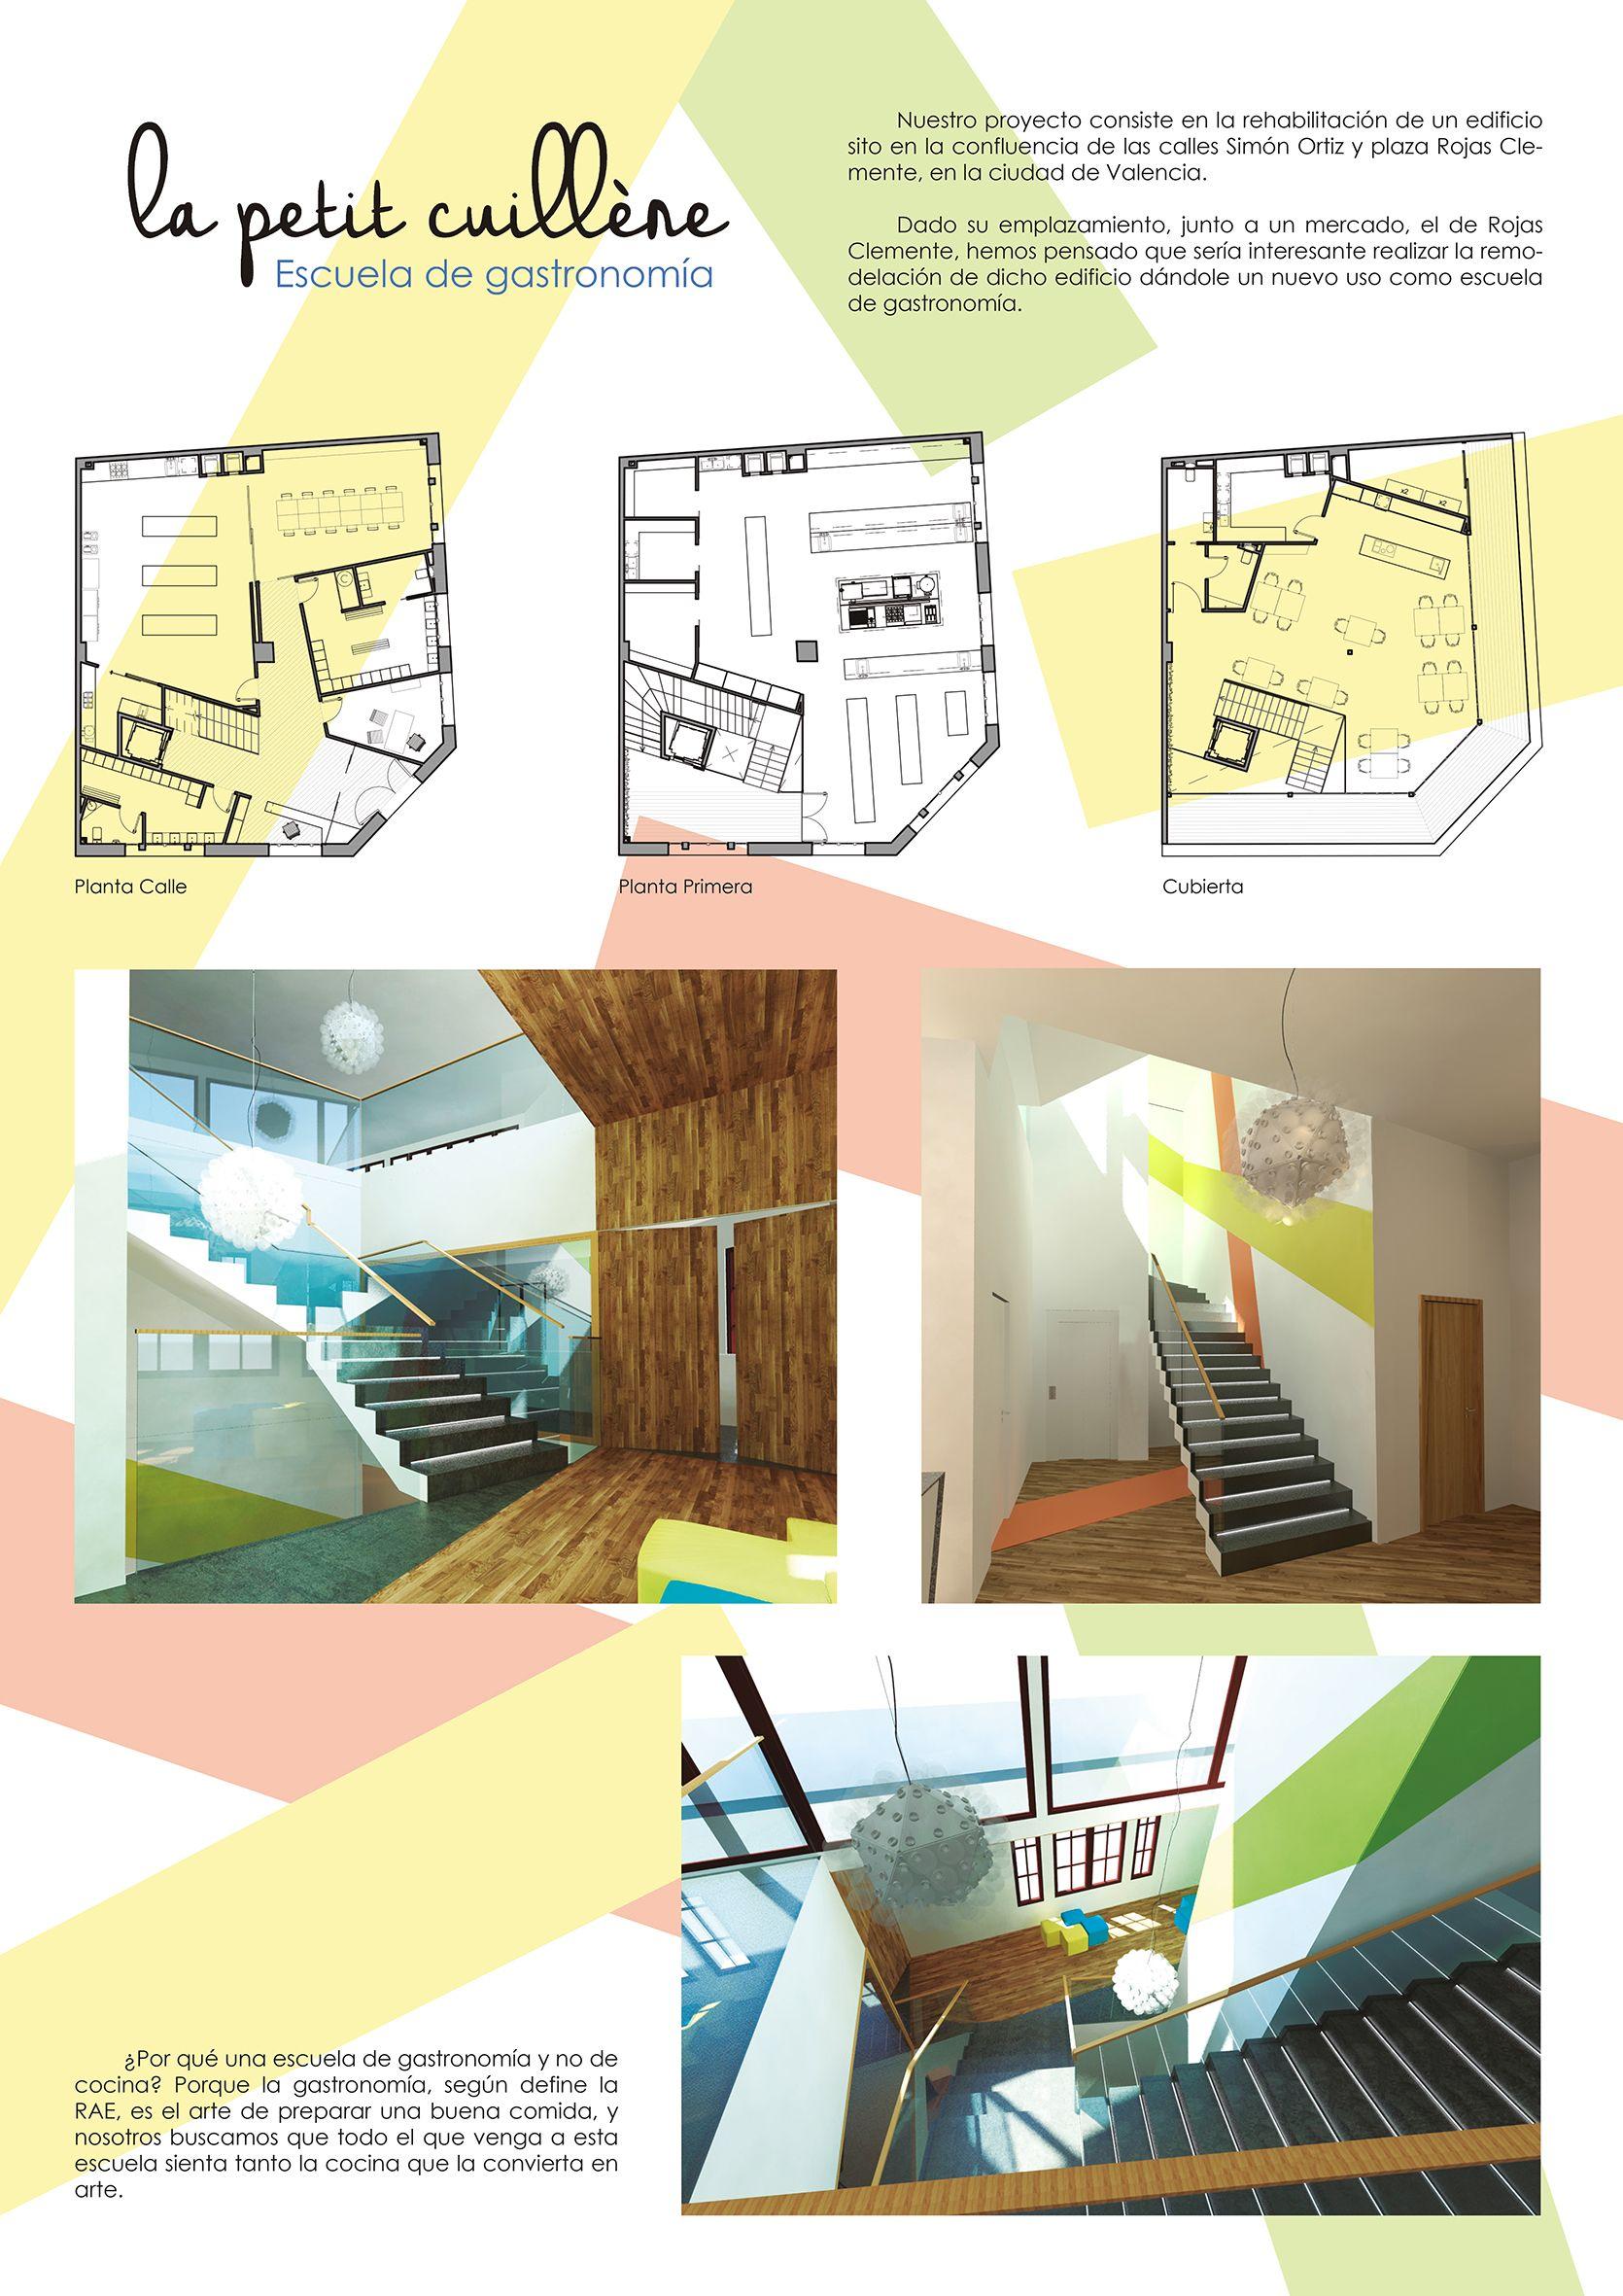 Alumno Andrés Carrascal Proyecto Fin De Carrera De Ciclo Formativo De Grado Superior Proyecto Rehabili Disenos De Unas Diseño De Interiores Diseño De Modas